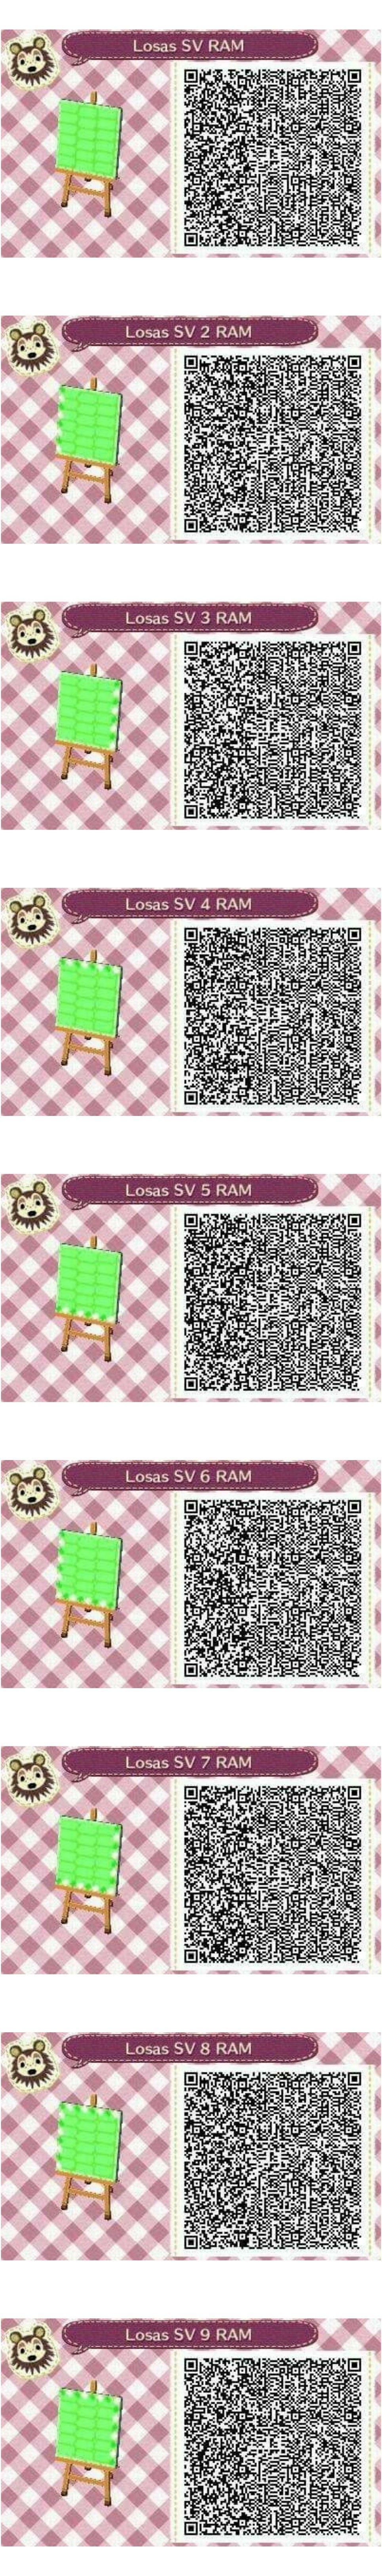 Este es un QR Code para Animal Crossing creado por mí misma. Como podéis observar es una losa de